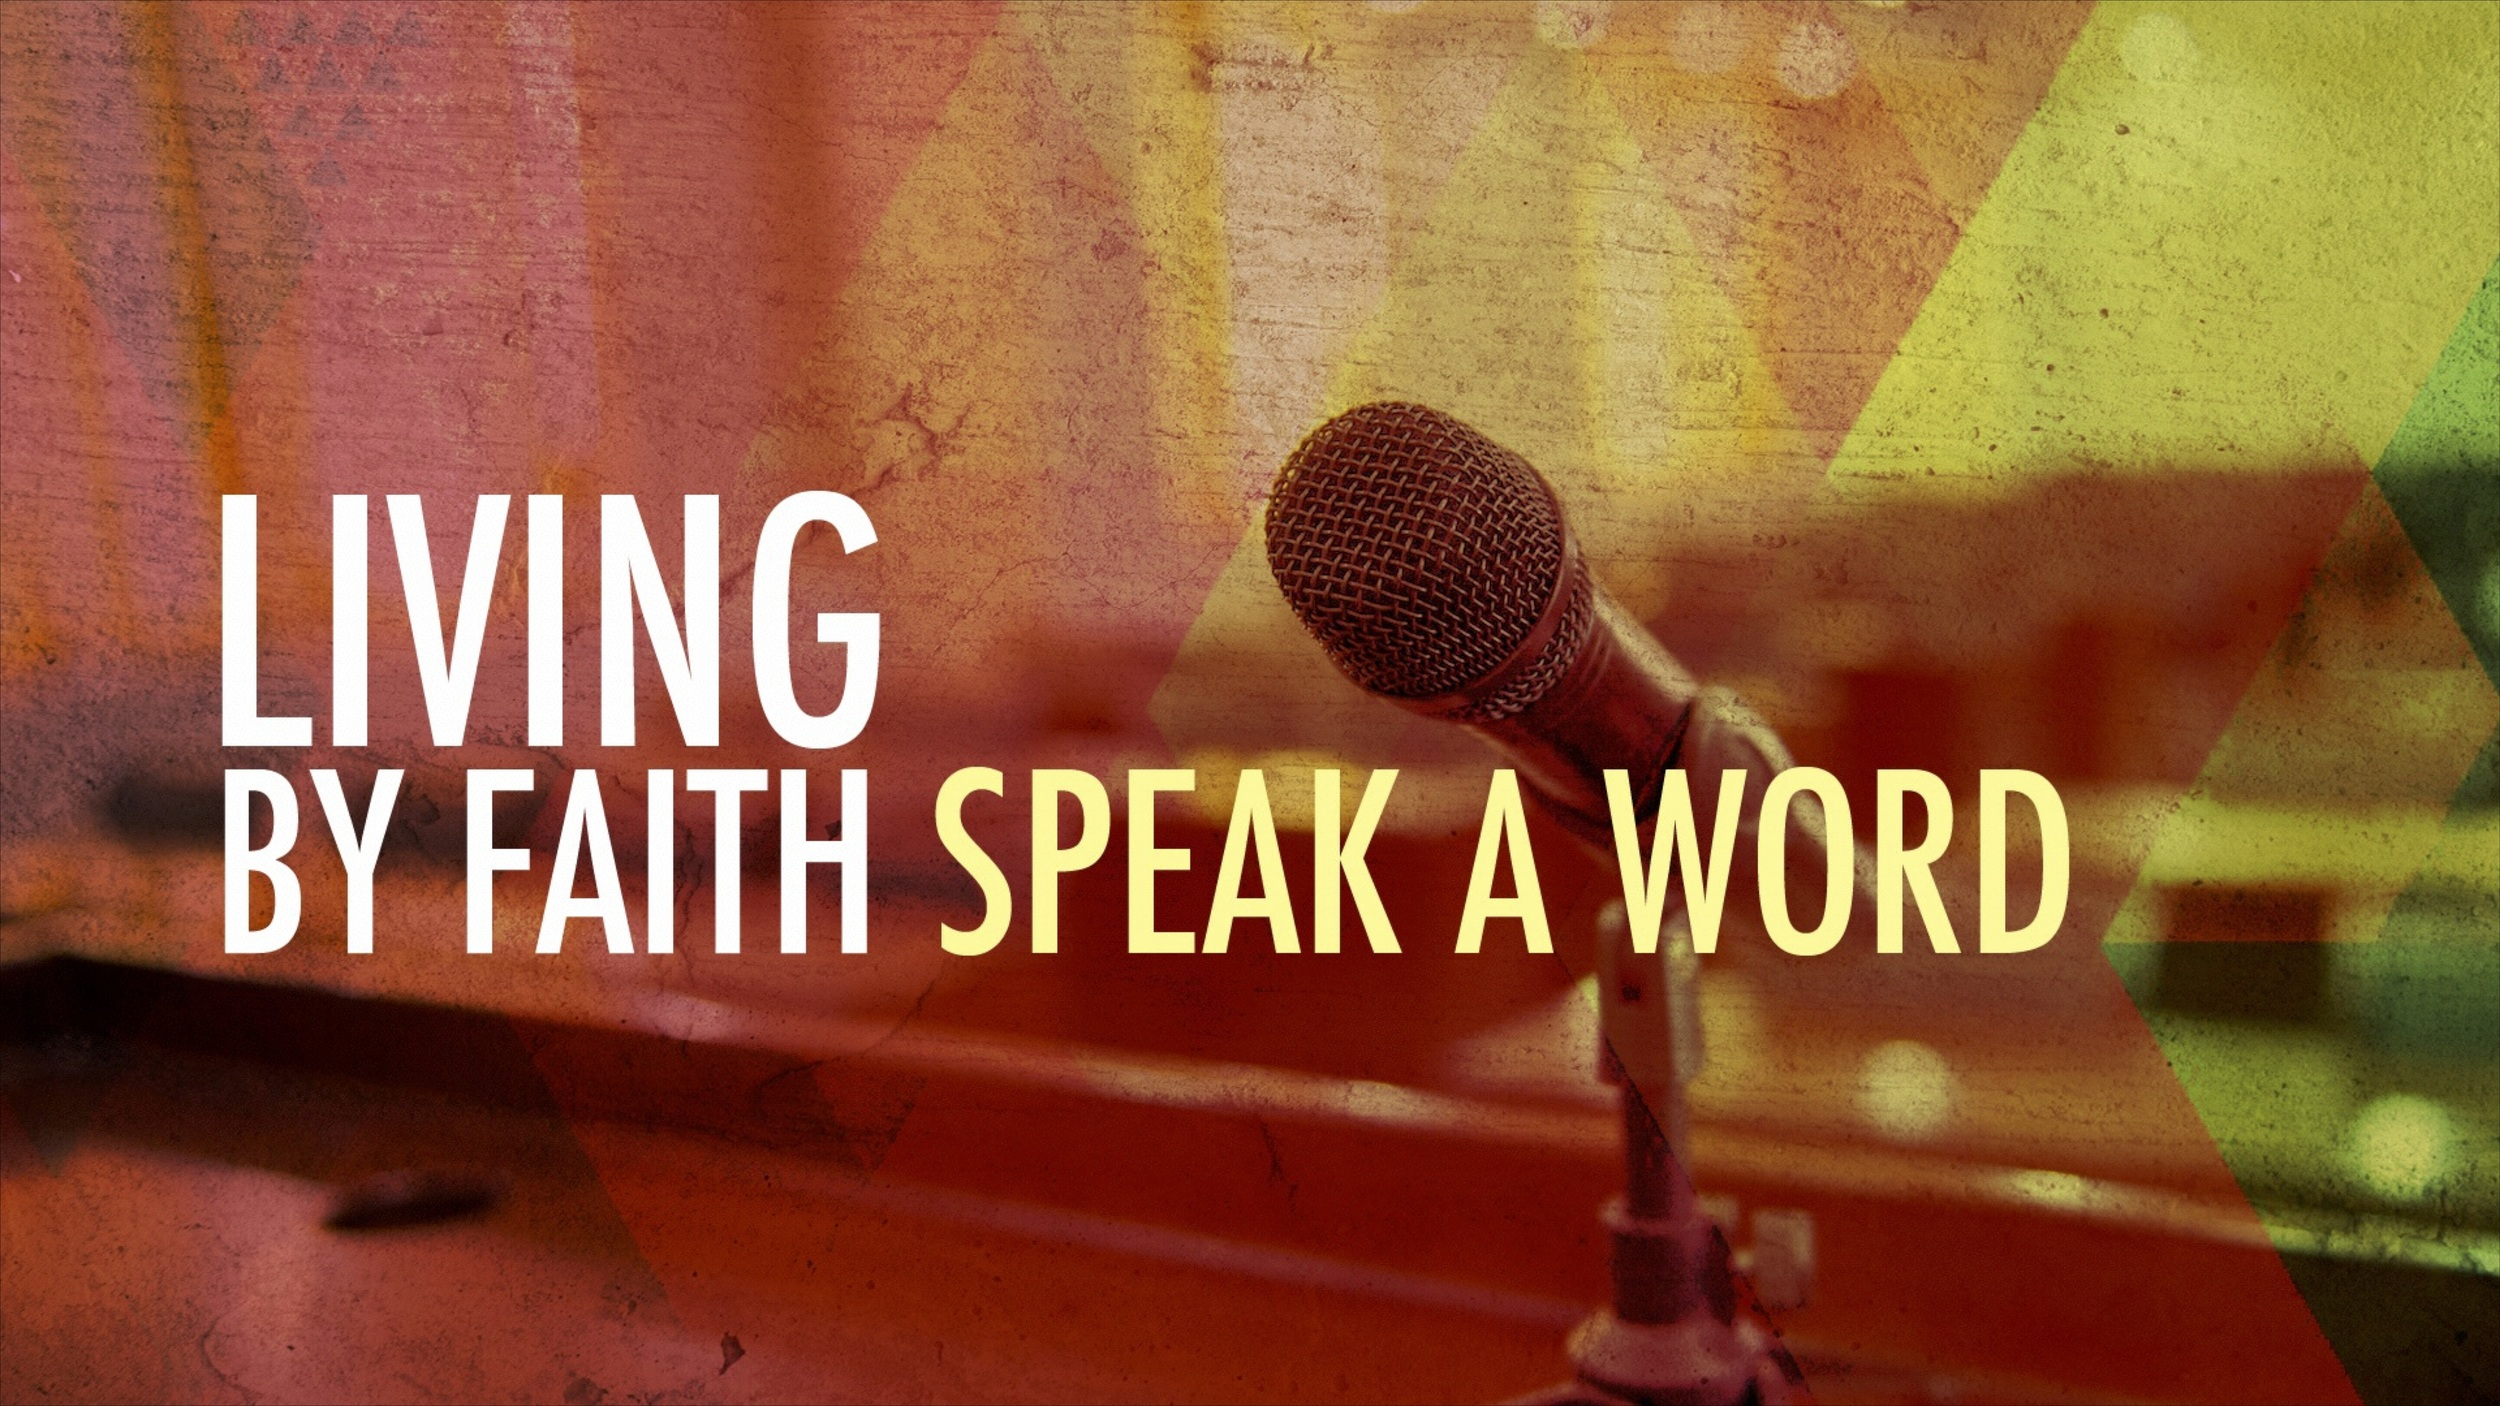 2014-02-16 Speak a Word - Slides.jpg